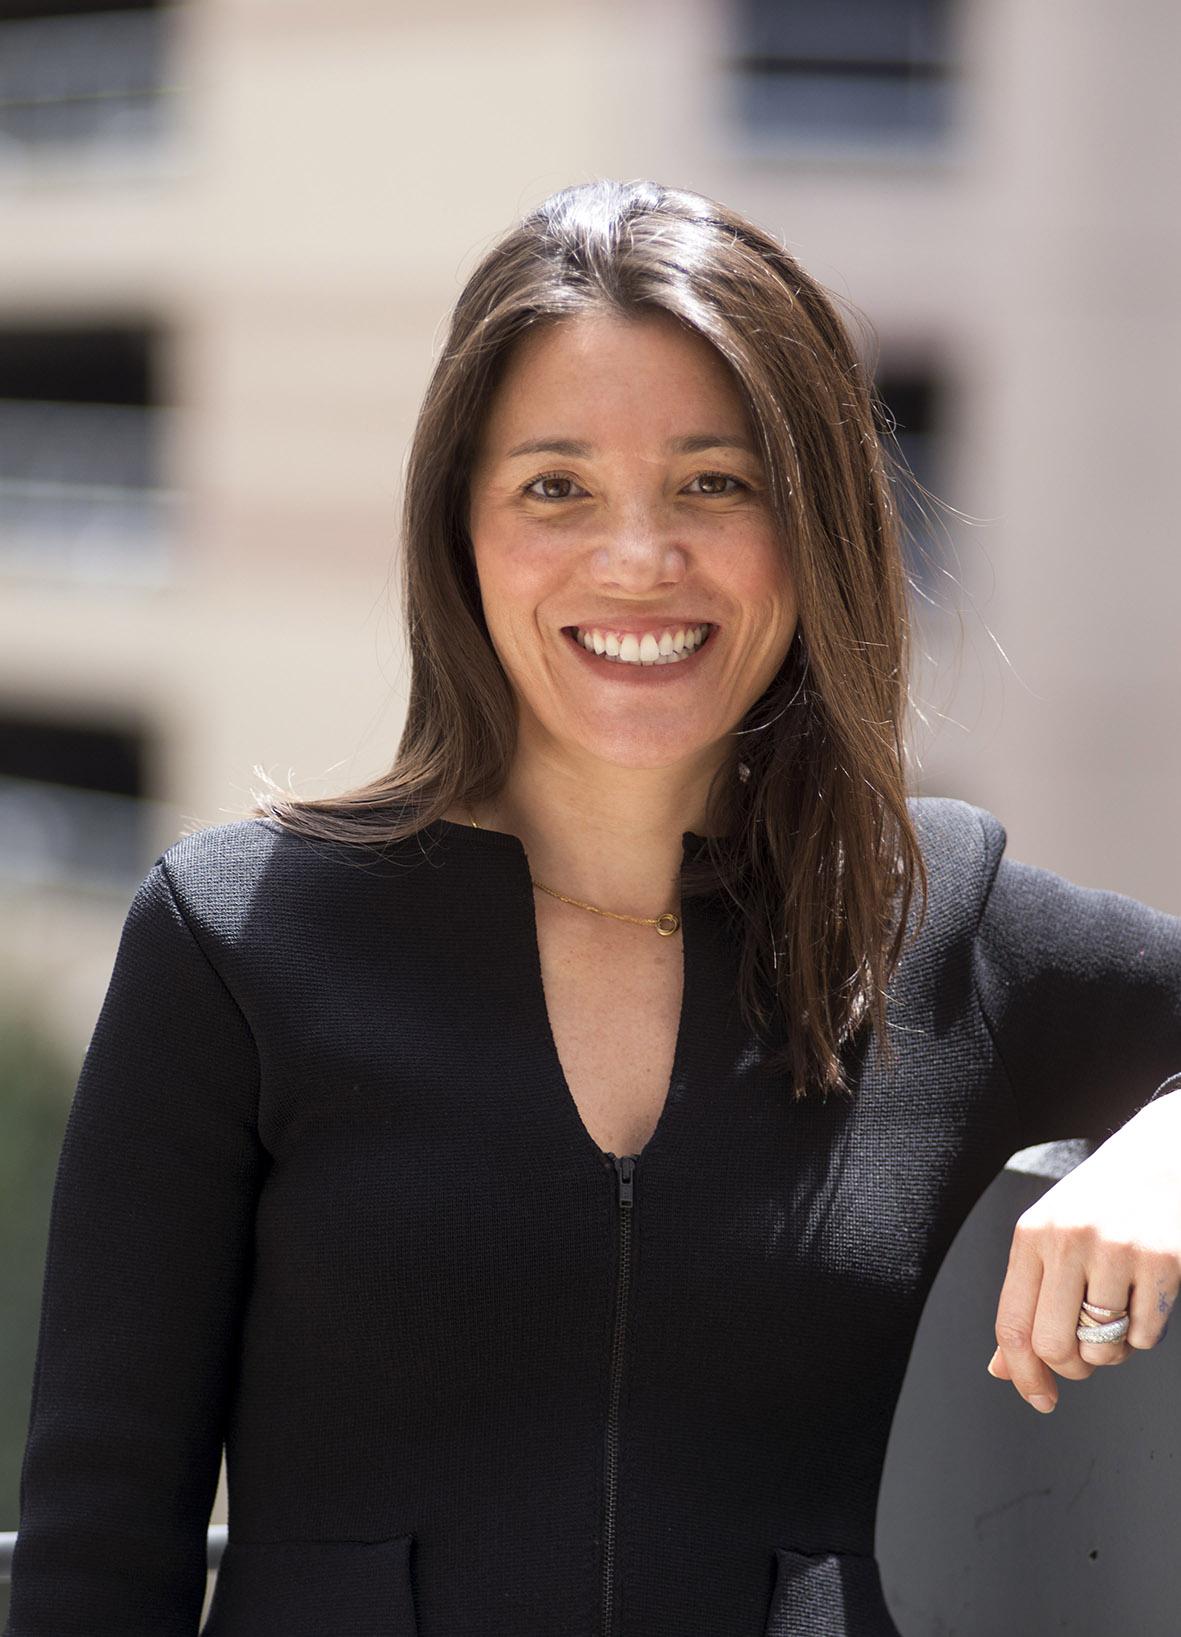 Jenny Cermak - Partner, McKinsey & Company